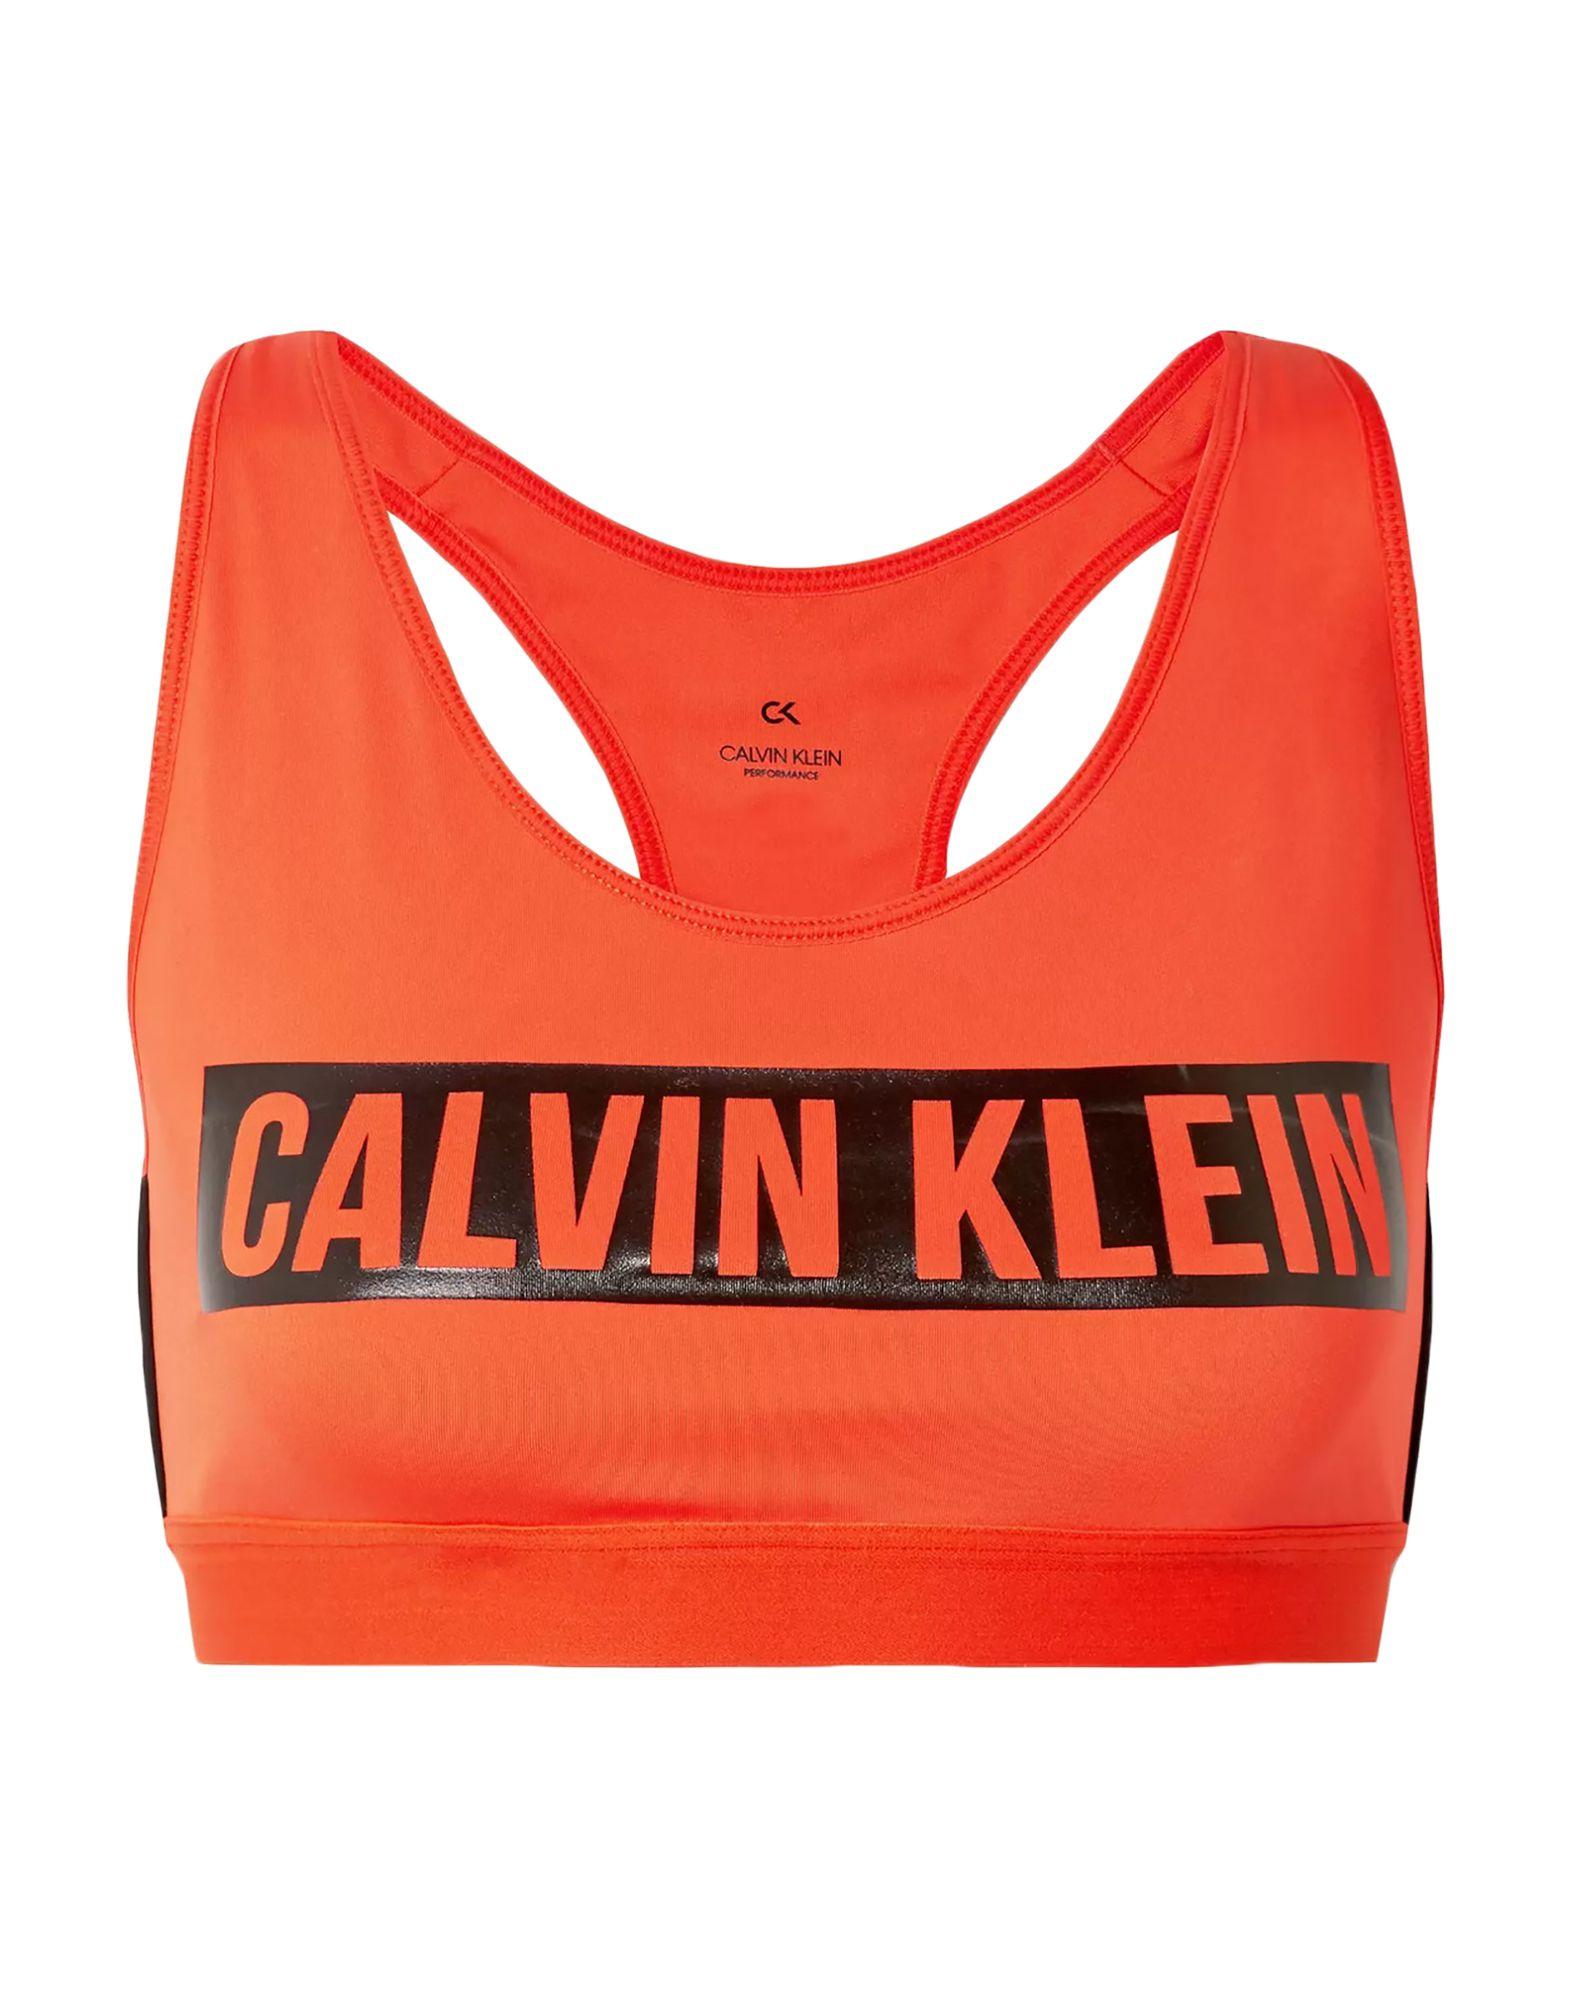 《セール開催中》CALVIN KLEIN PERFORMANCE レディース ブラジャー オレンジ S ポリエステル 79% / ポリウレタン 21% RACERBACK SB LOGO